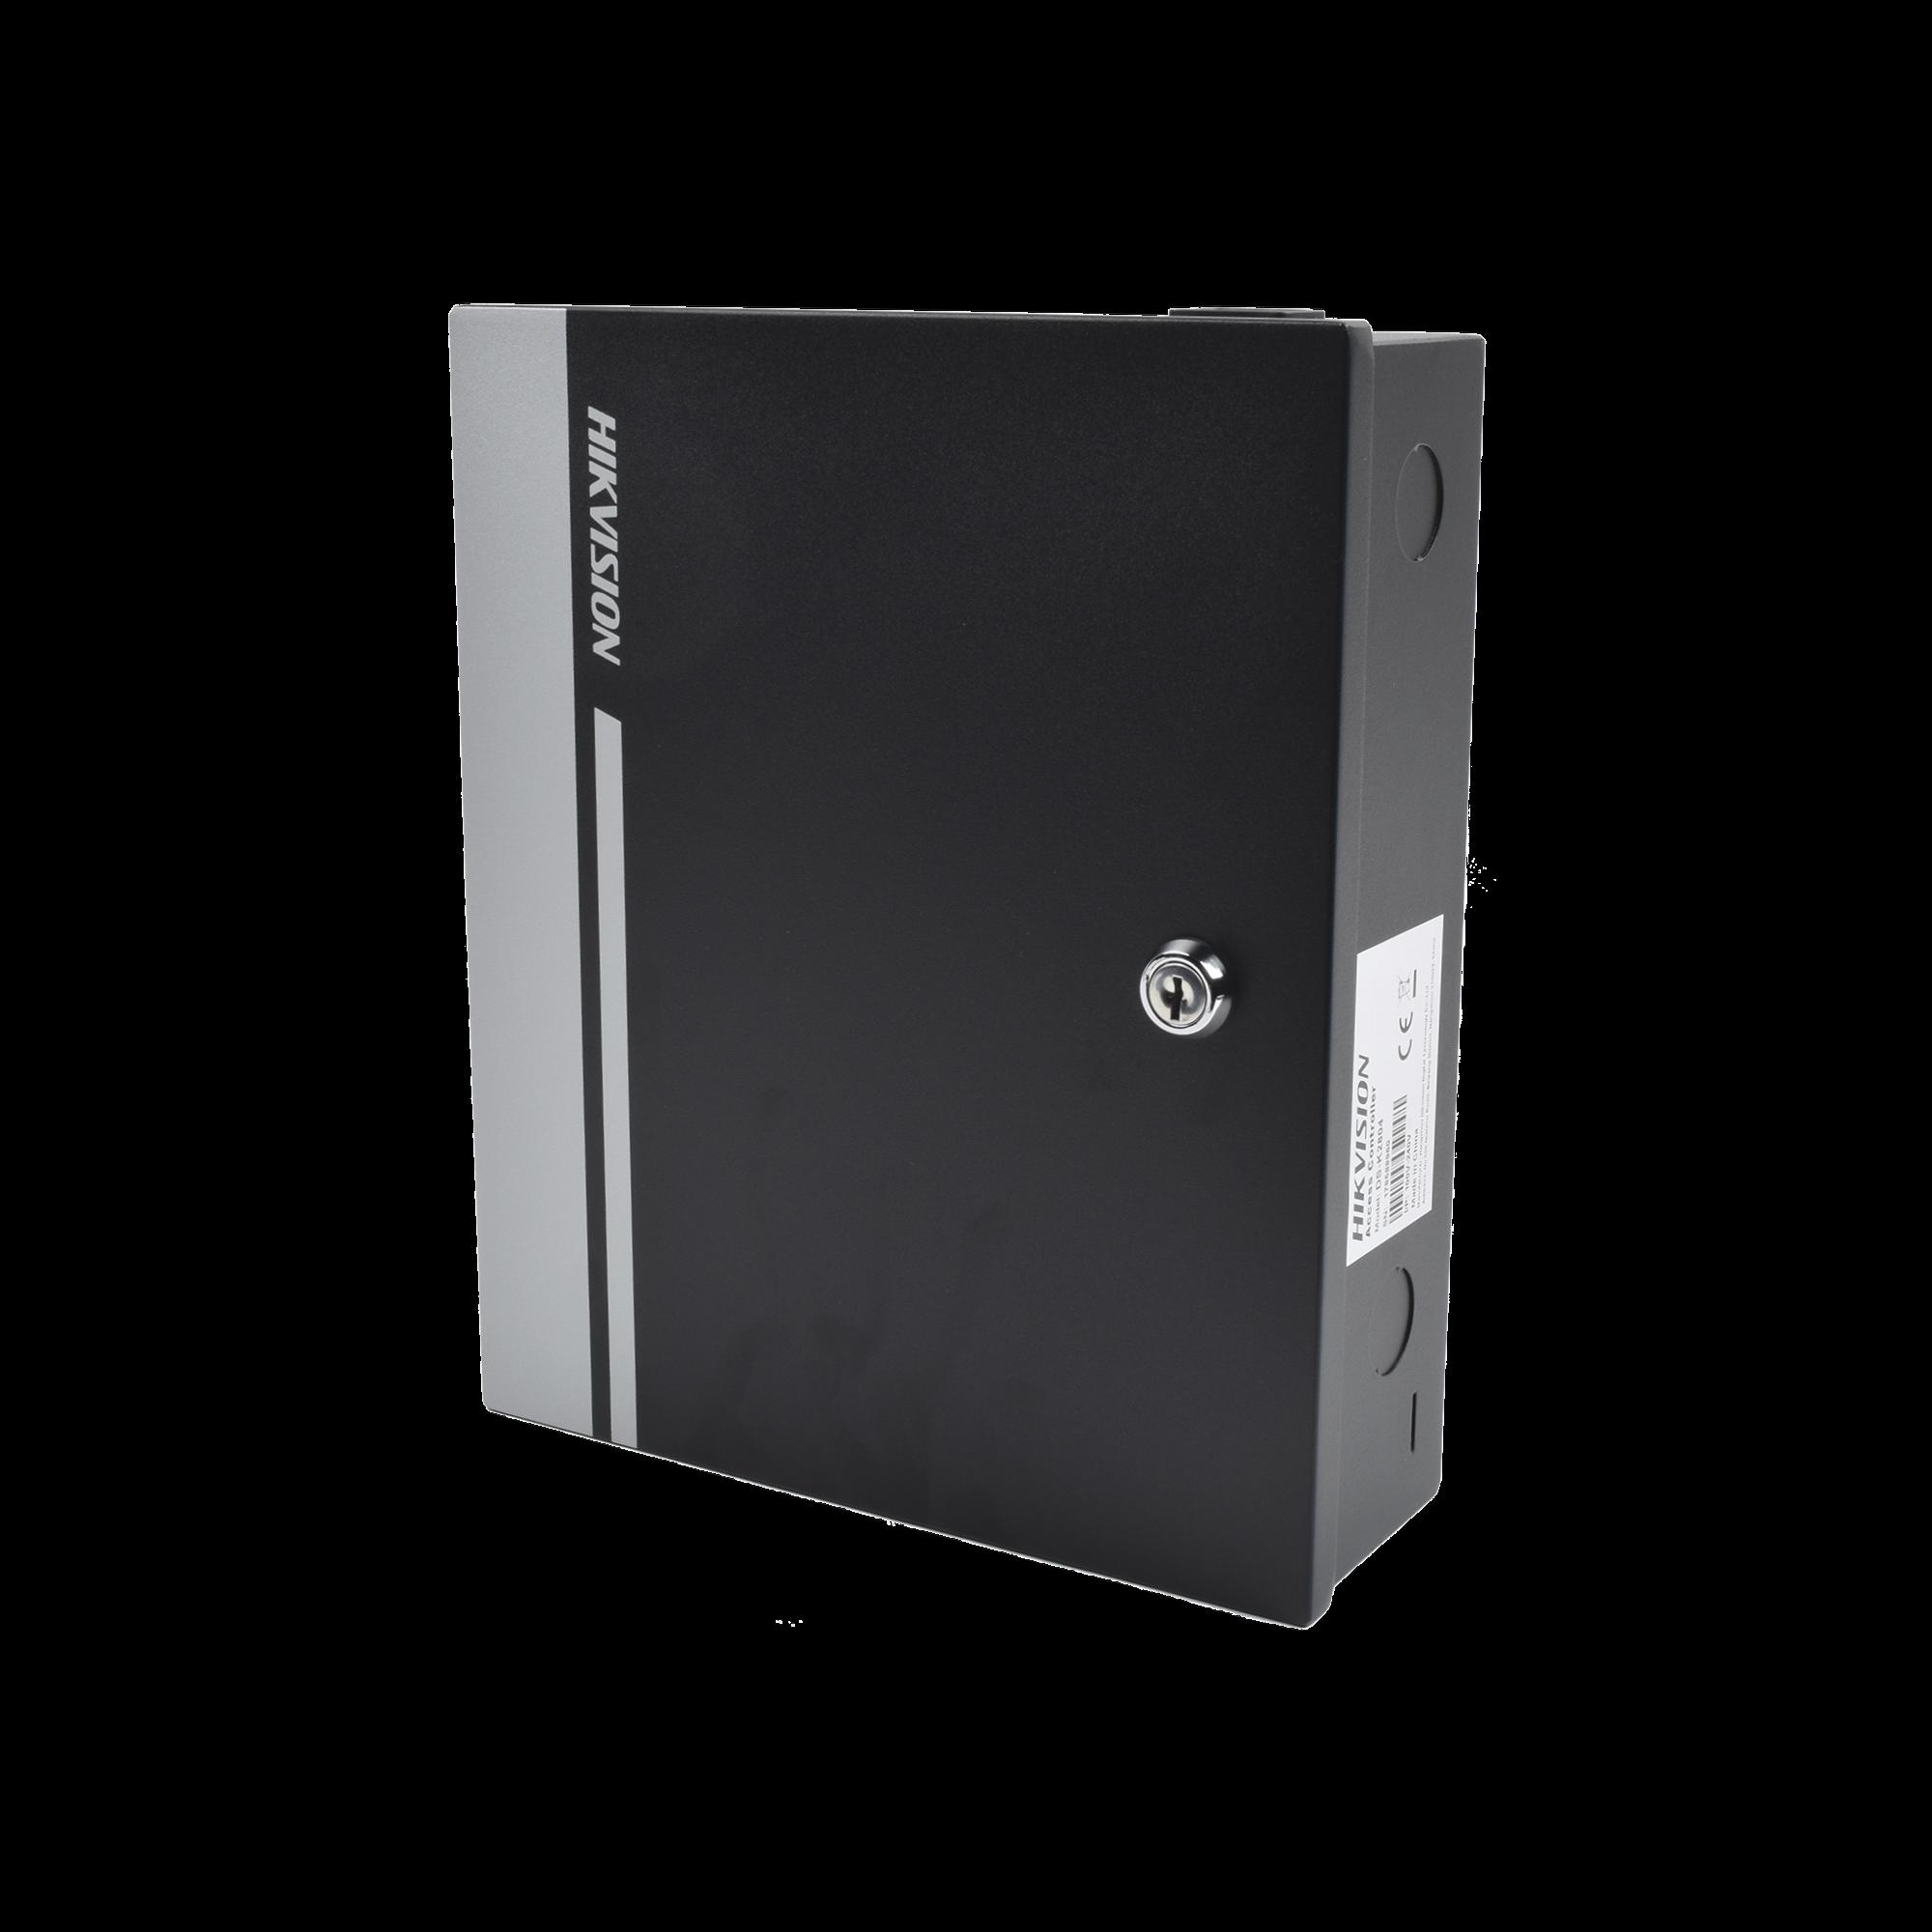 Controlador de Acceso Integrable con Videovigilancia / 2 Puertas / 10,000 Tarjetas / 50,000 Eventos / Incluye Gabinete y Fuente de Alimentacion 12VCD/8A